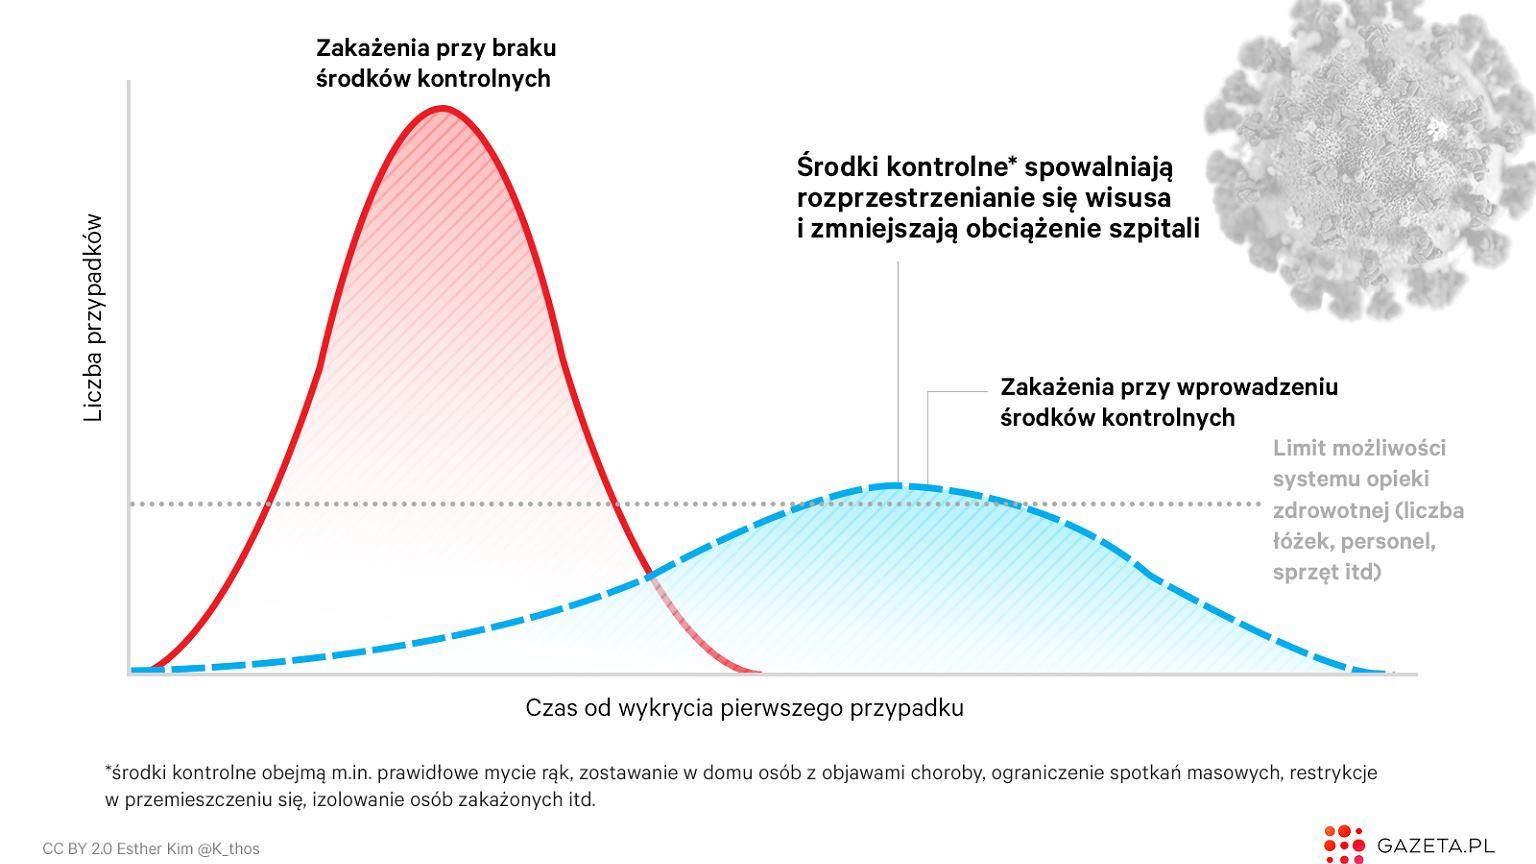 COVID-19 może przeciążyć szpitale. Ten wykres pokazuje, co nam dają środki zaradcze i izolacja